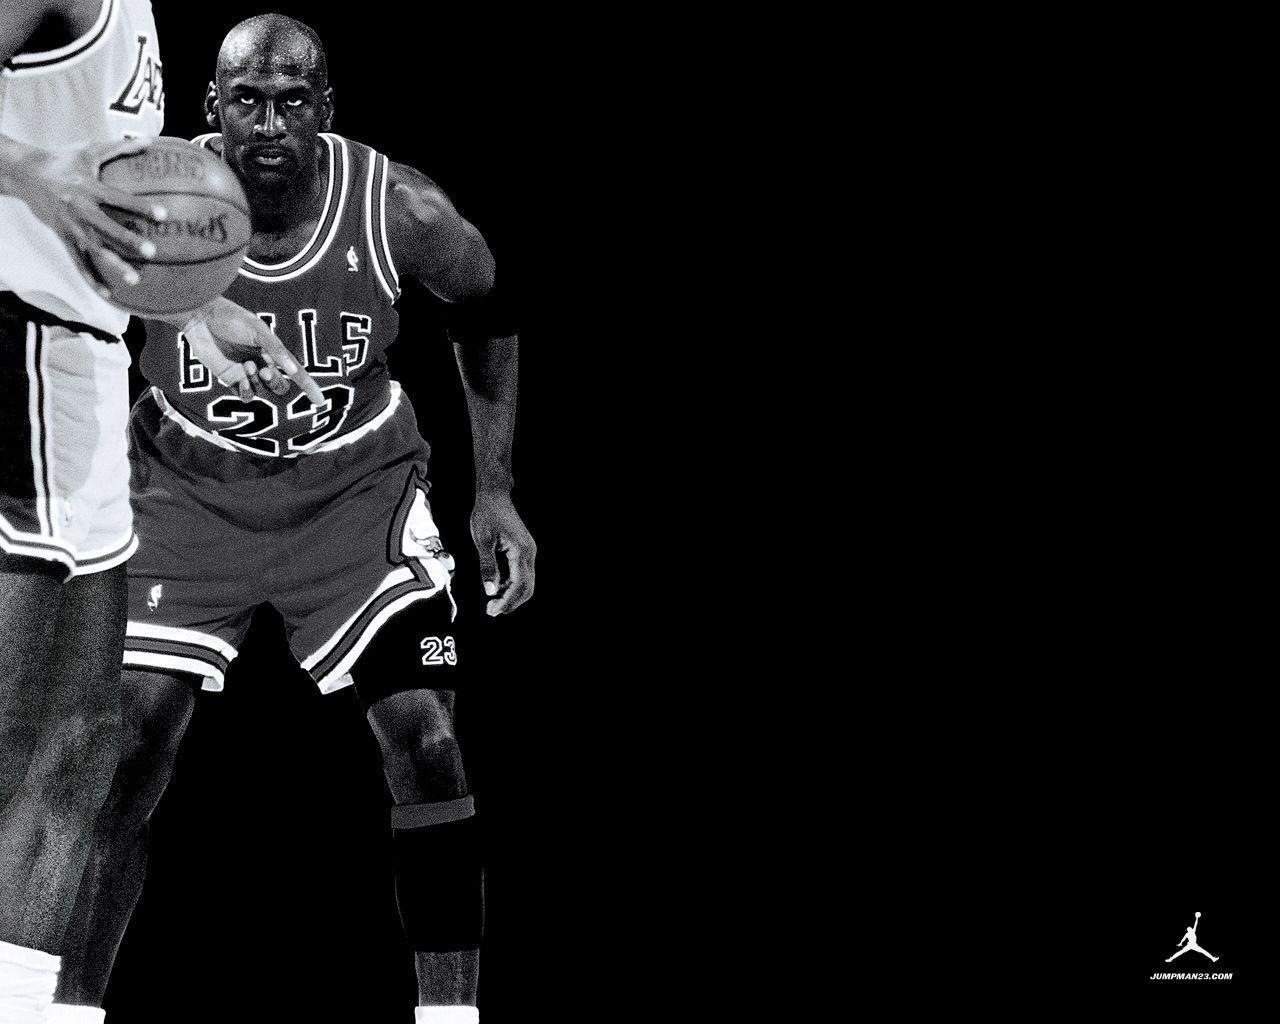 Michael Jordan Wallpaper For Computer: Michael Jordan Desktop Wallpapers